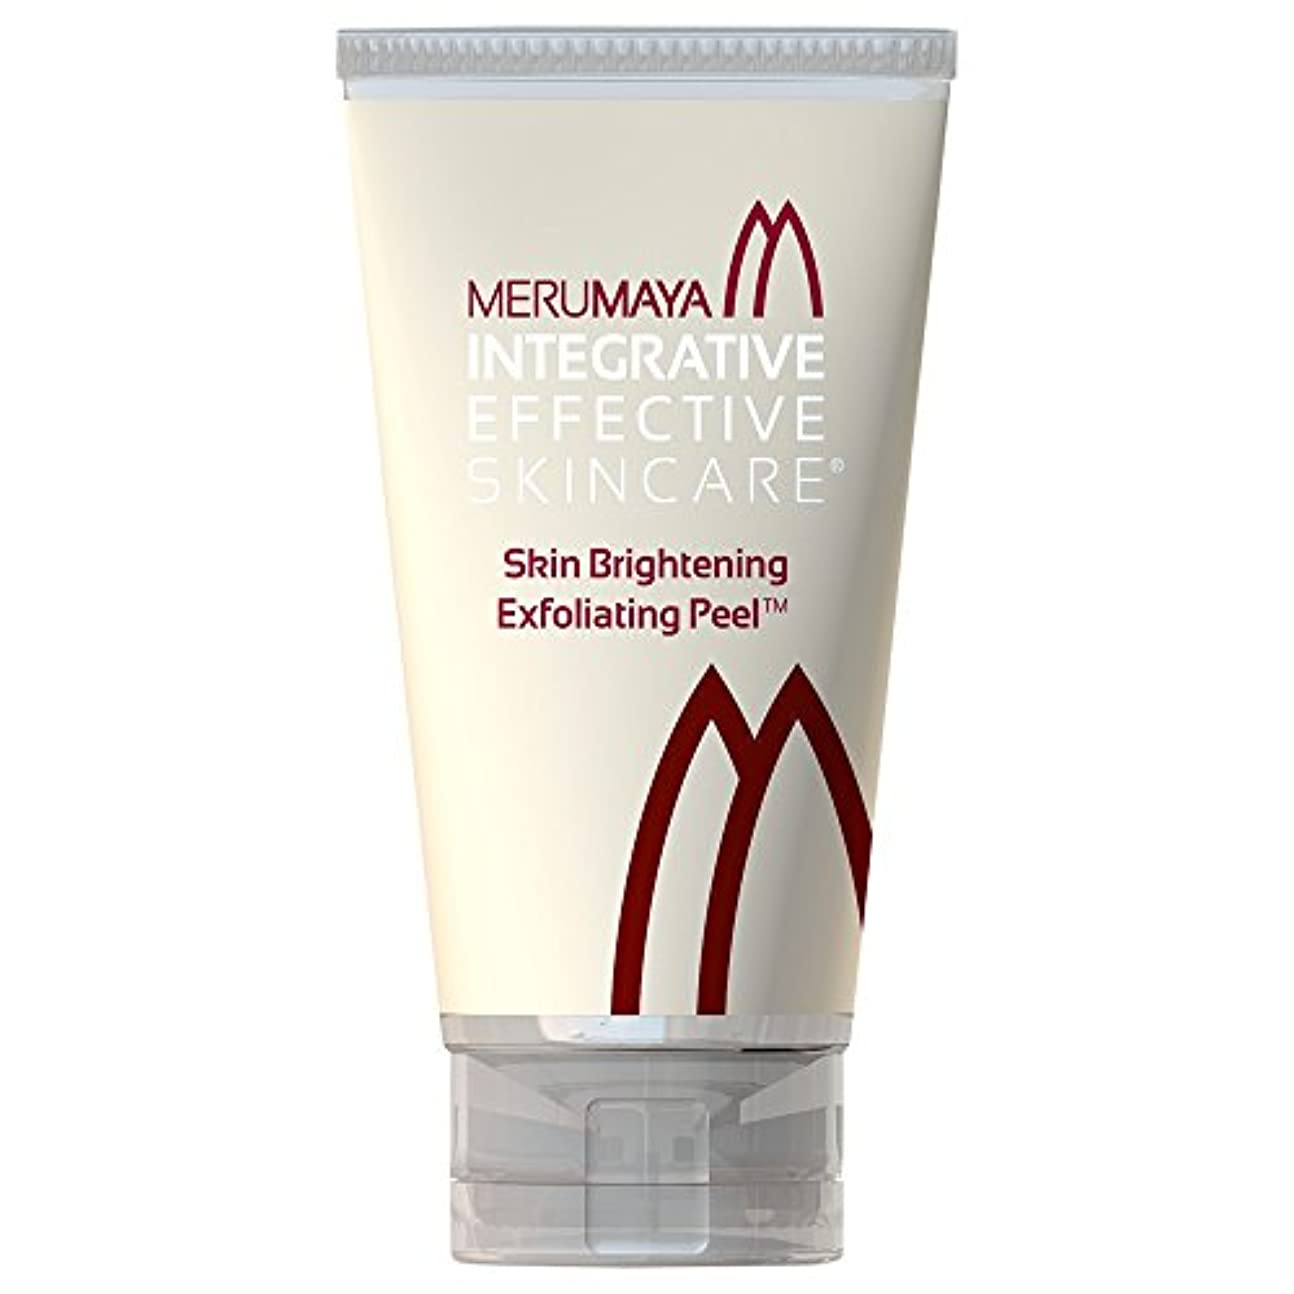 南東する必要がある活気づけるMerumayaスキンブライトニングピーリング剥離?の50ミリリットル (Merumaya) - MERUMAYA Skin Brightening Exfoliating Peel? 50ml [並行輸入品]